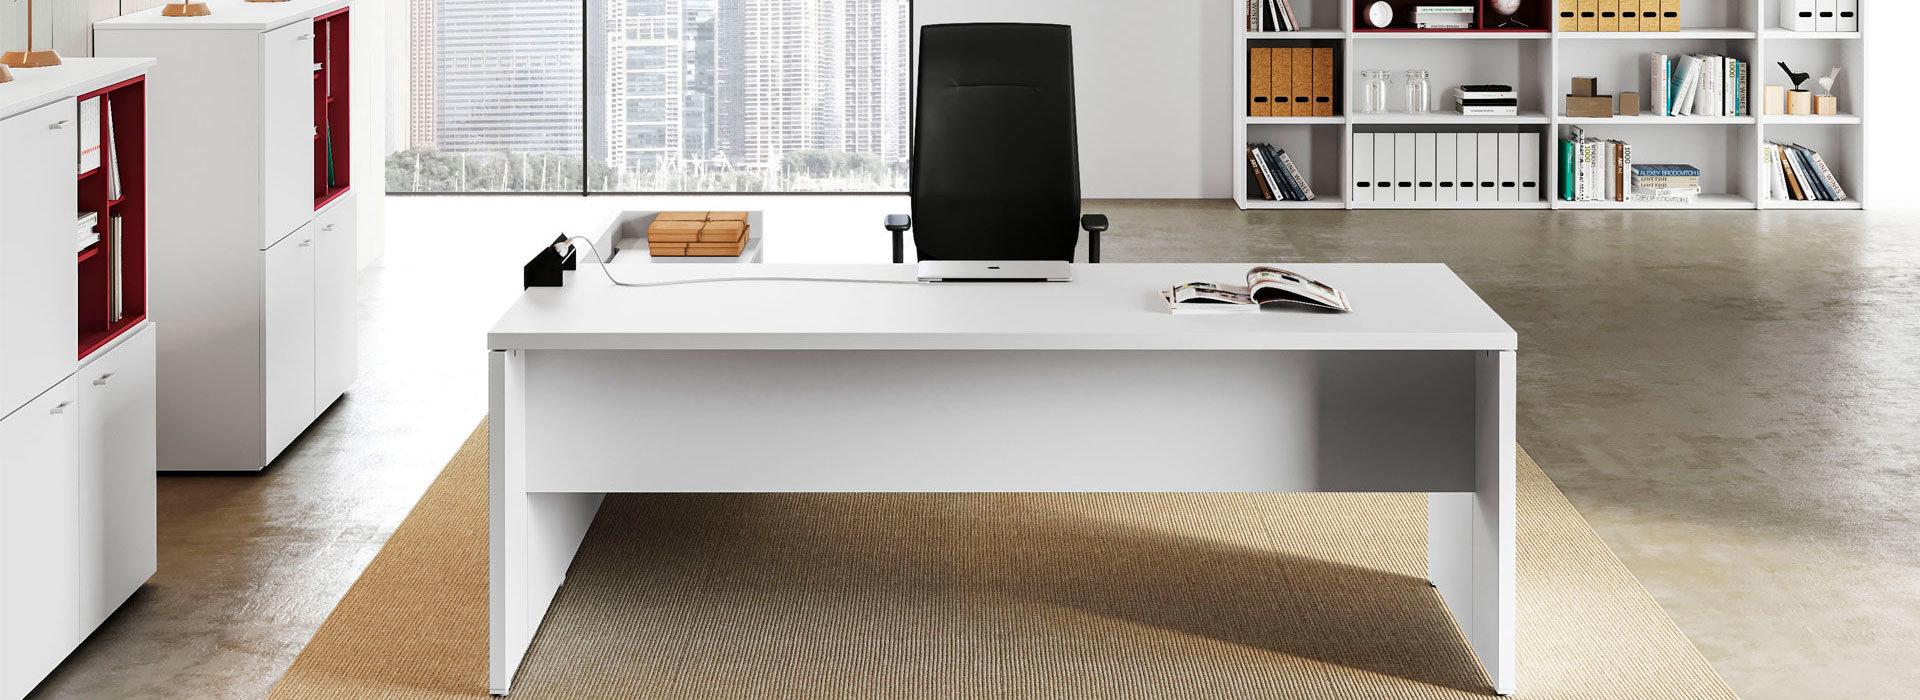 scrivania ufficio modello Delta Evo, bianca